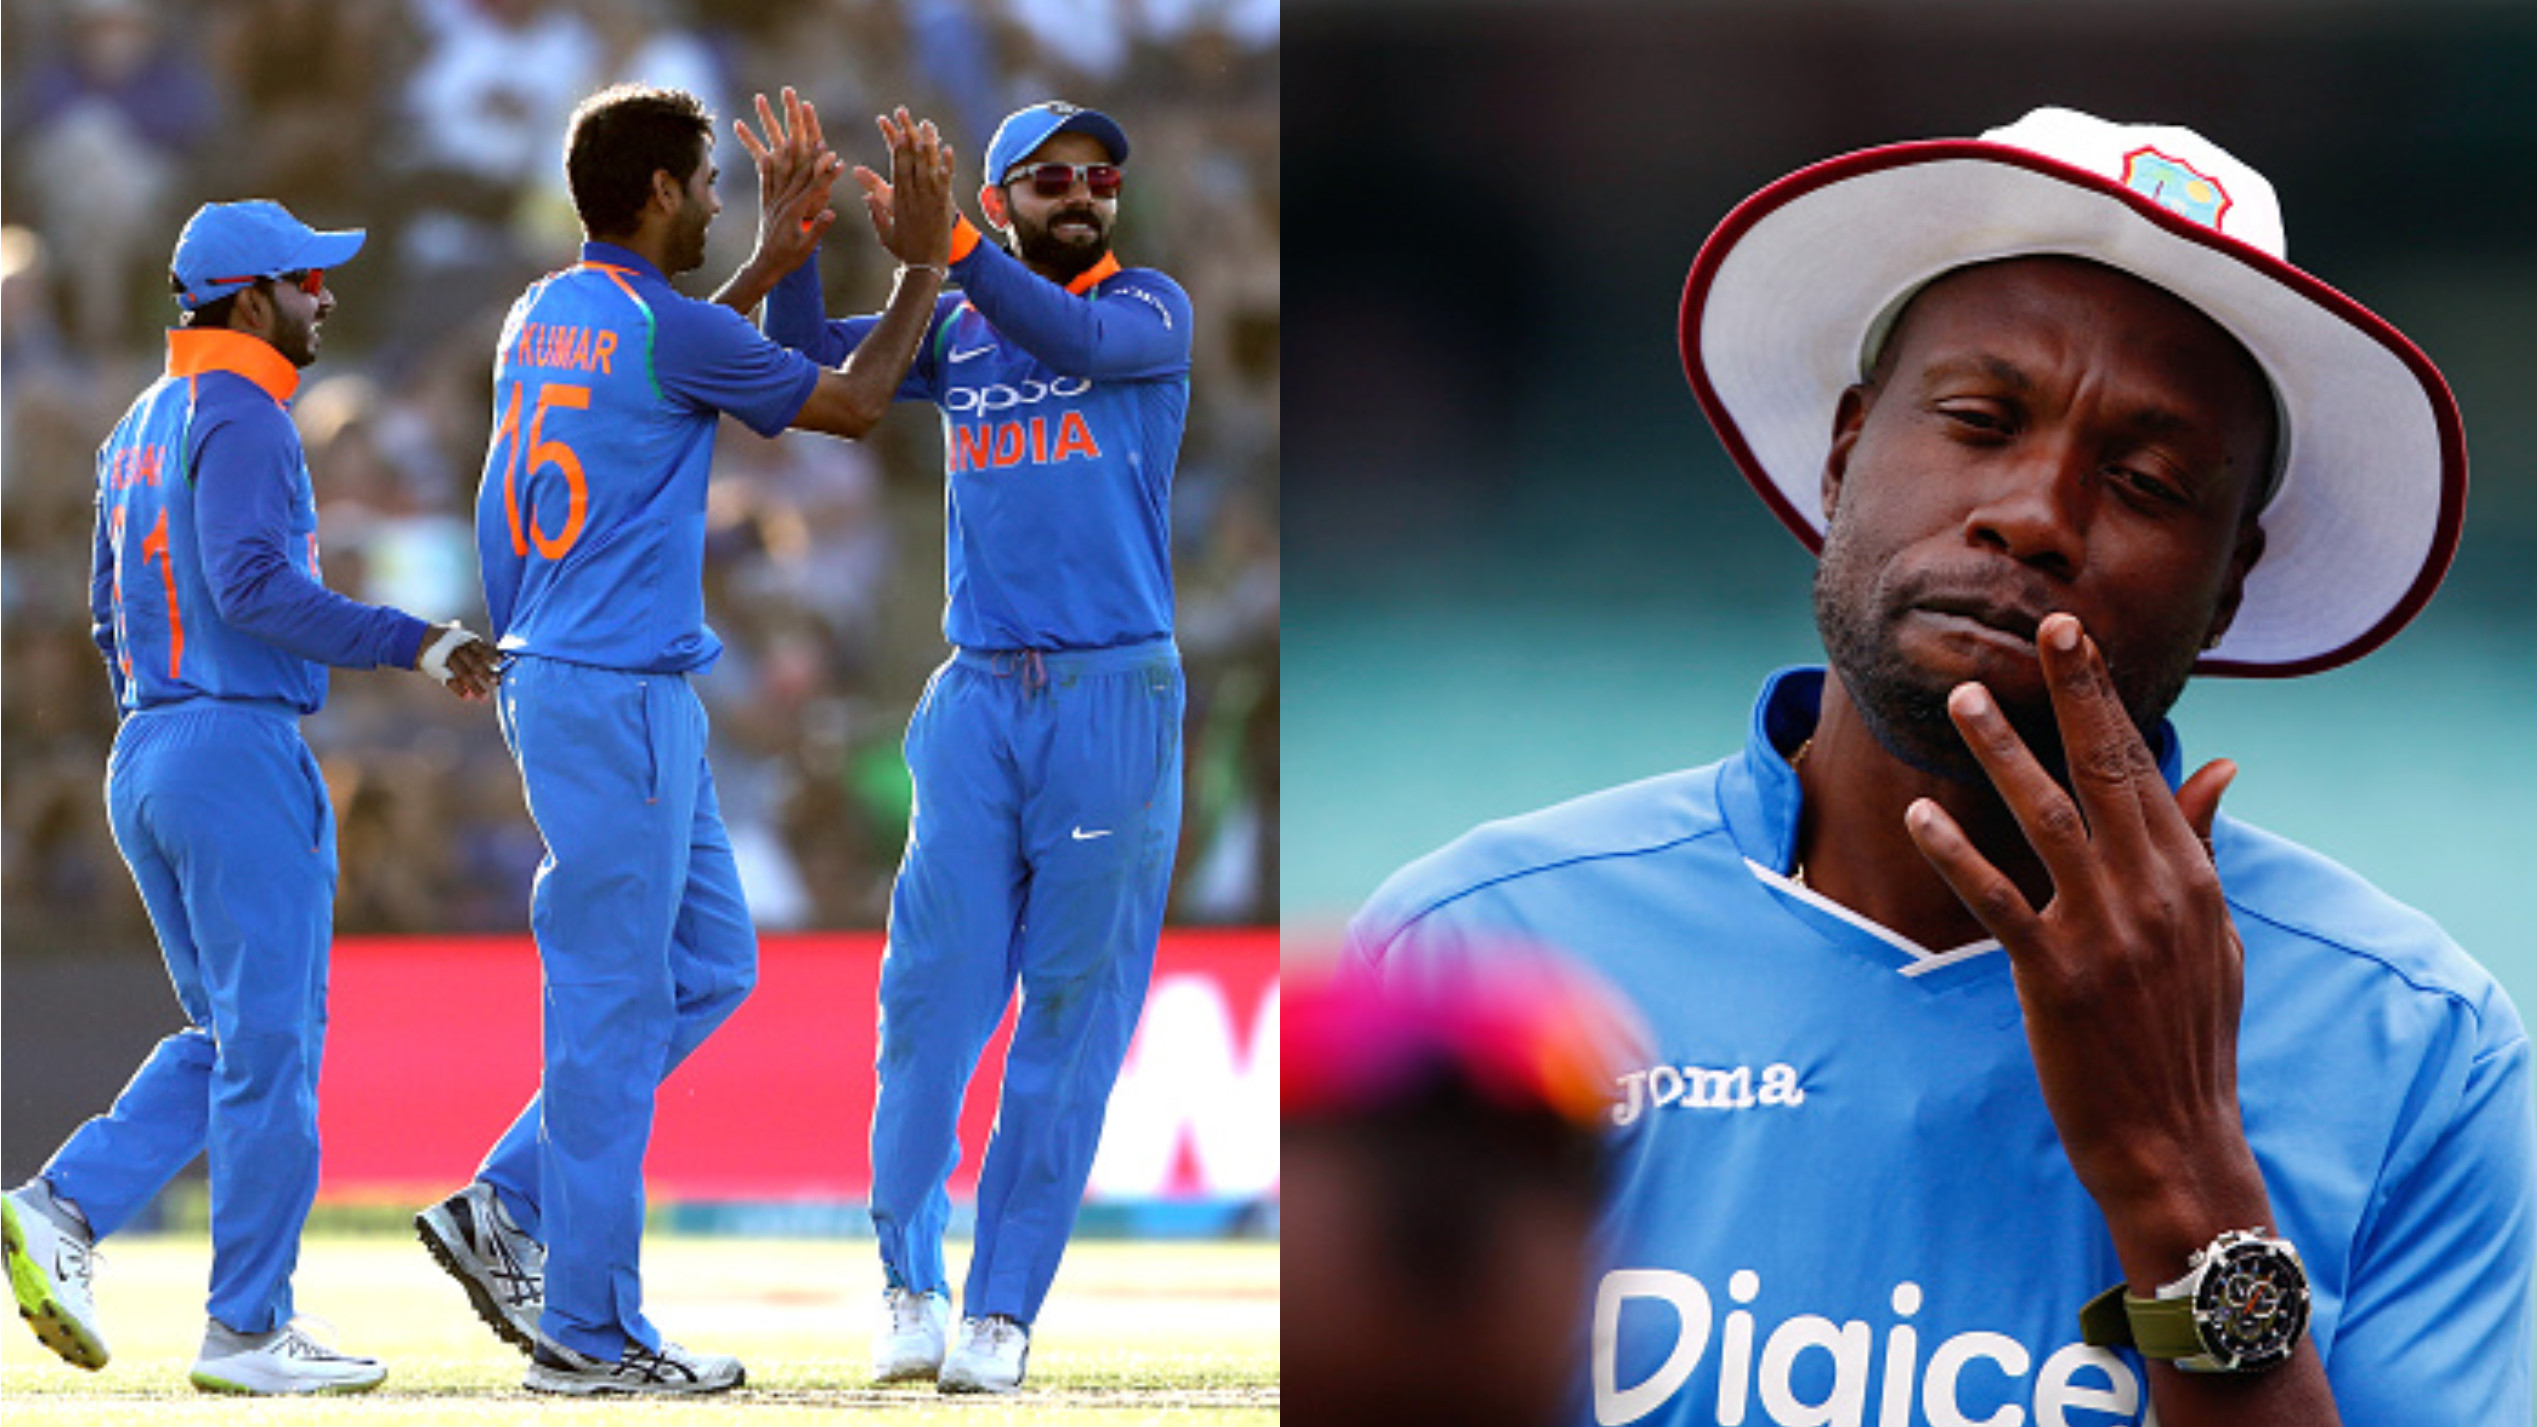 कर्टली एम्ब्रोज़ के अनुसार मौजूदा भारतीय टीम की तुलना अतीत की वेस्टइंडीज से करना जल्दबाज़ी होगी